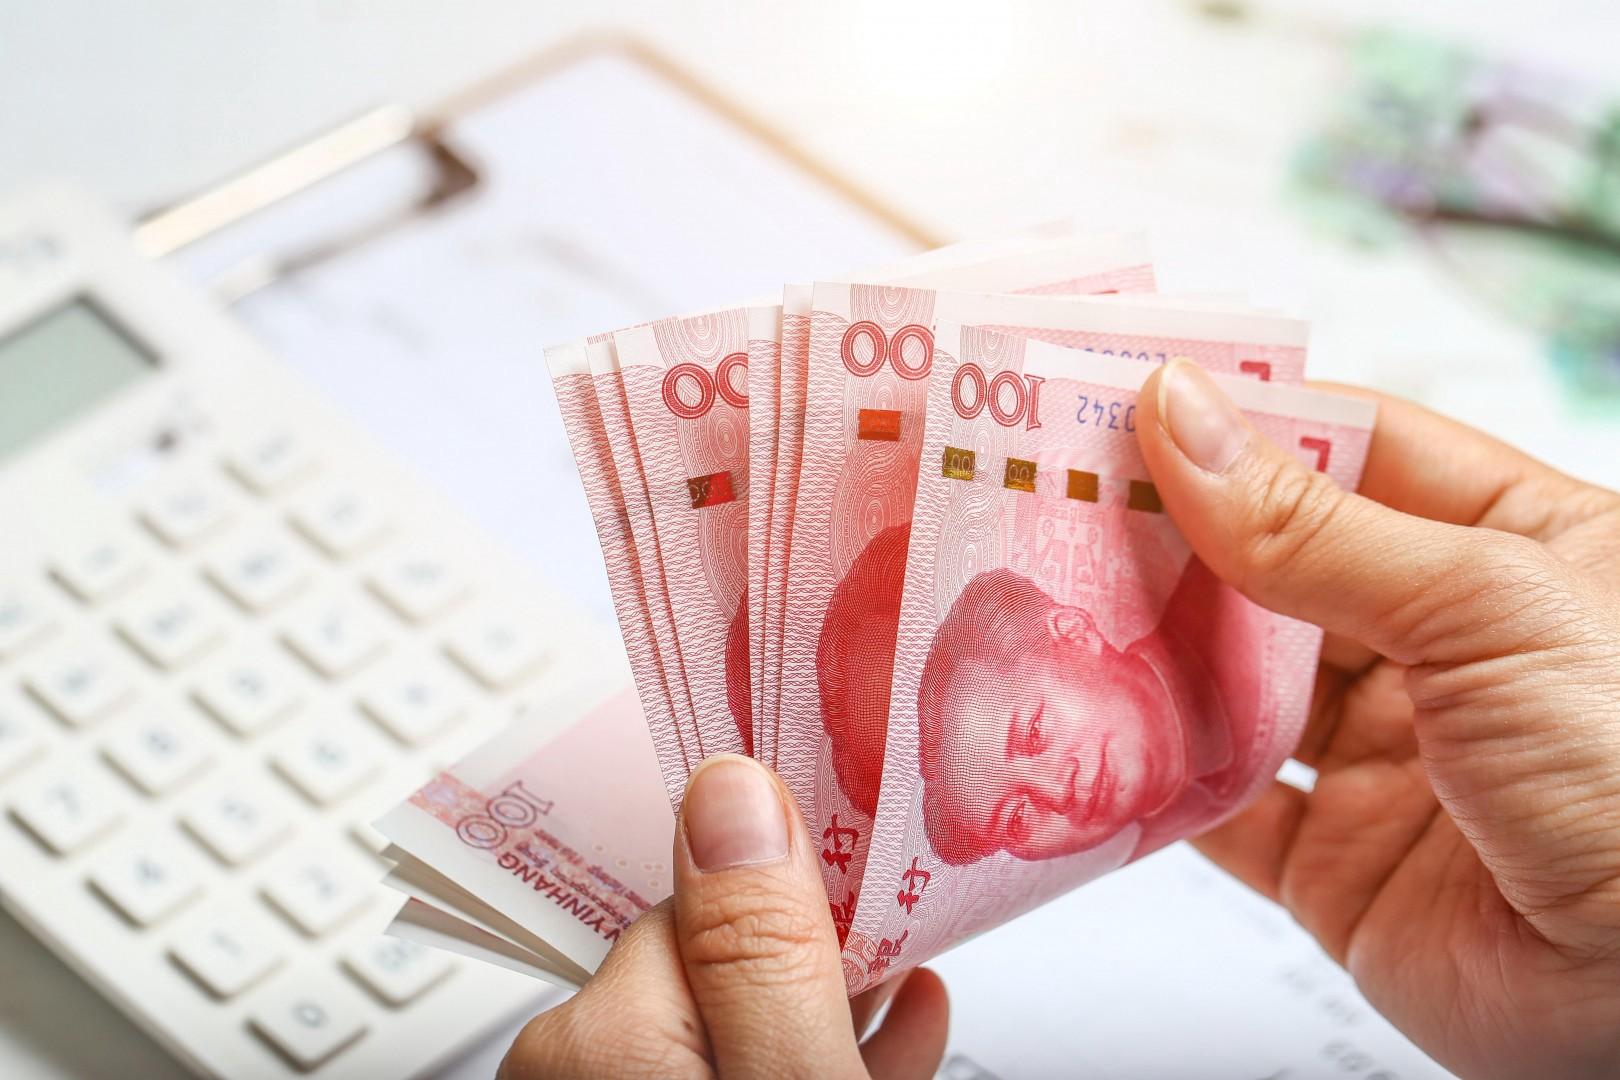 Chi phí du học Trung Quốc khá phù hợp với sinh viên các nước châu Á.